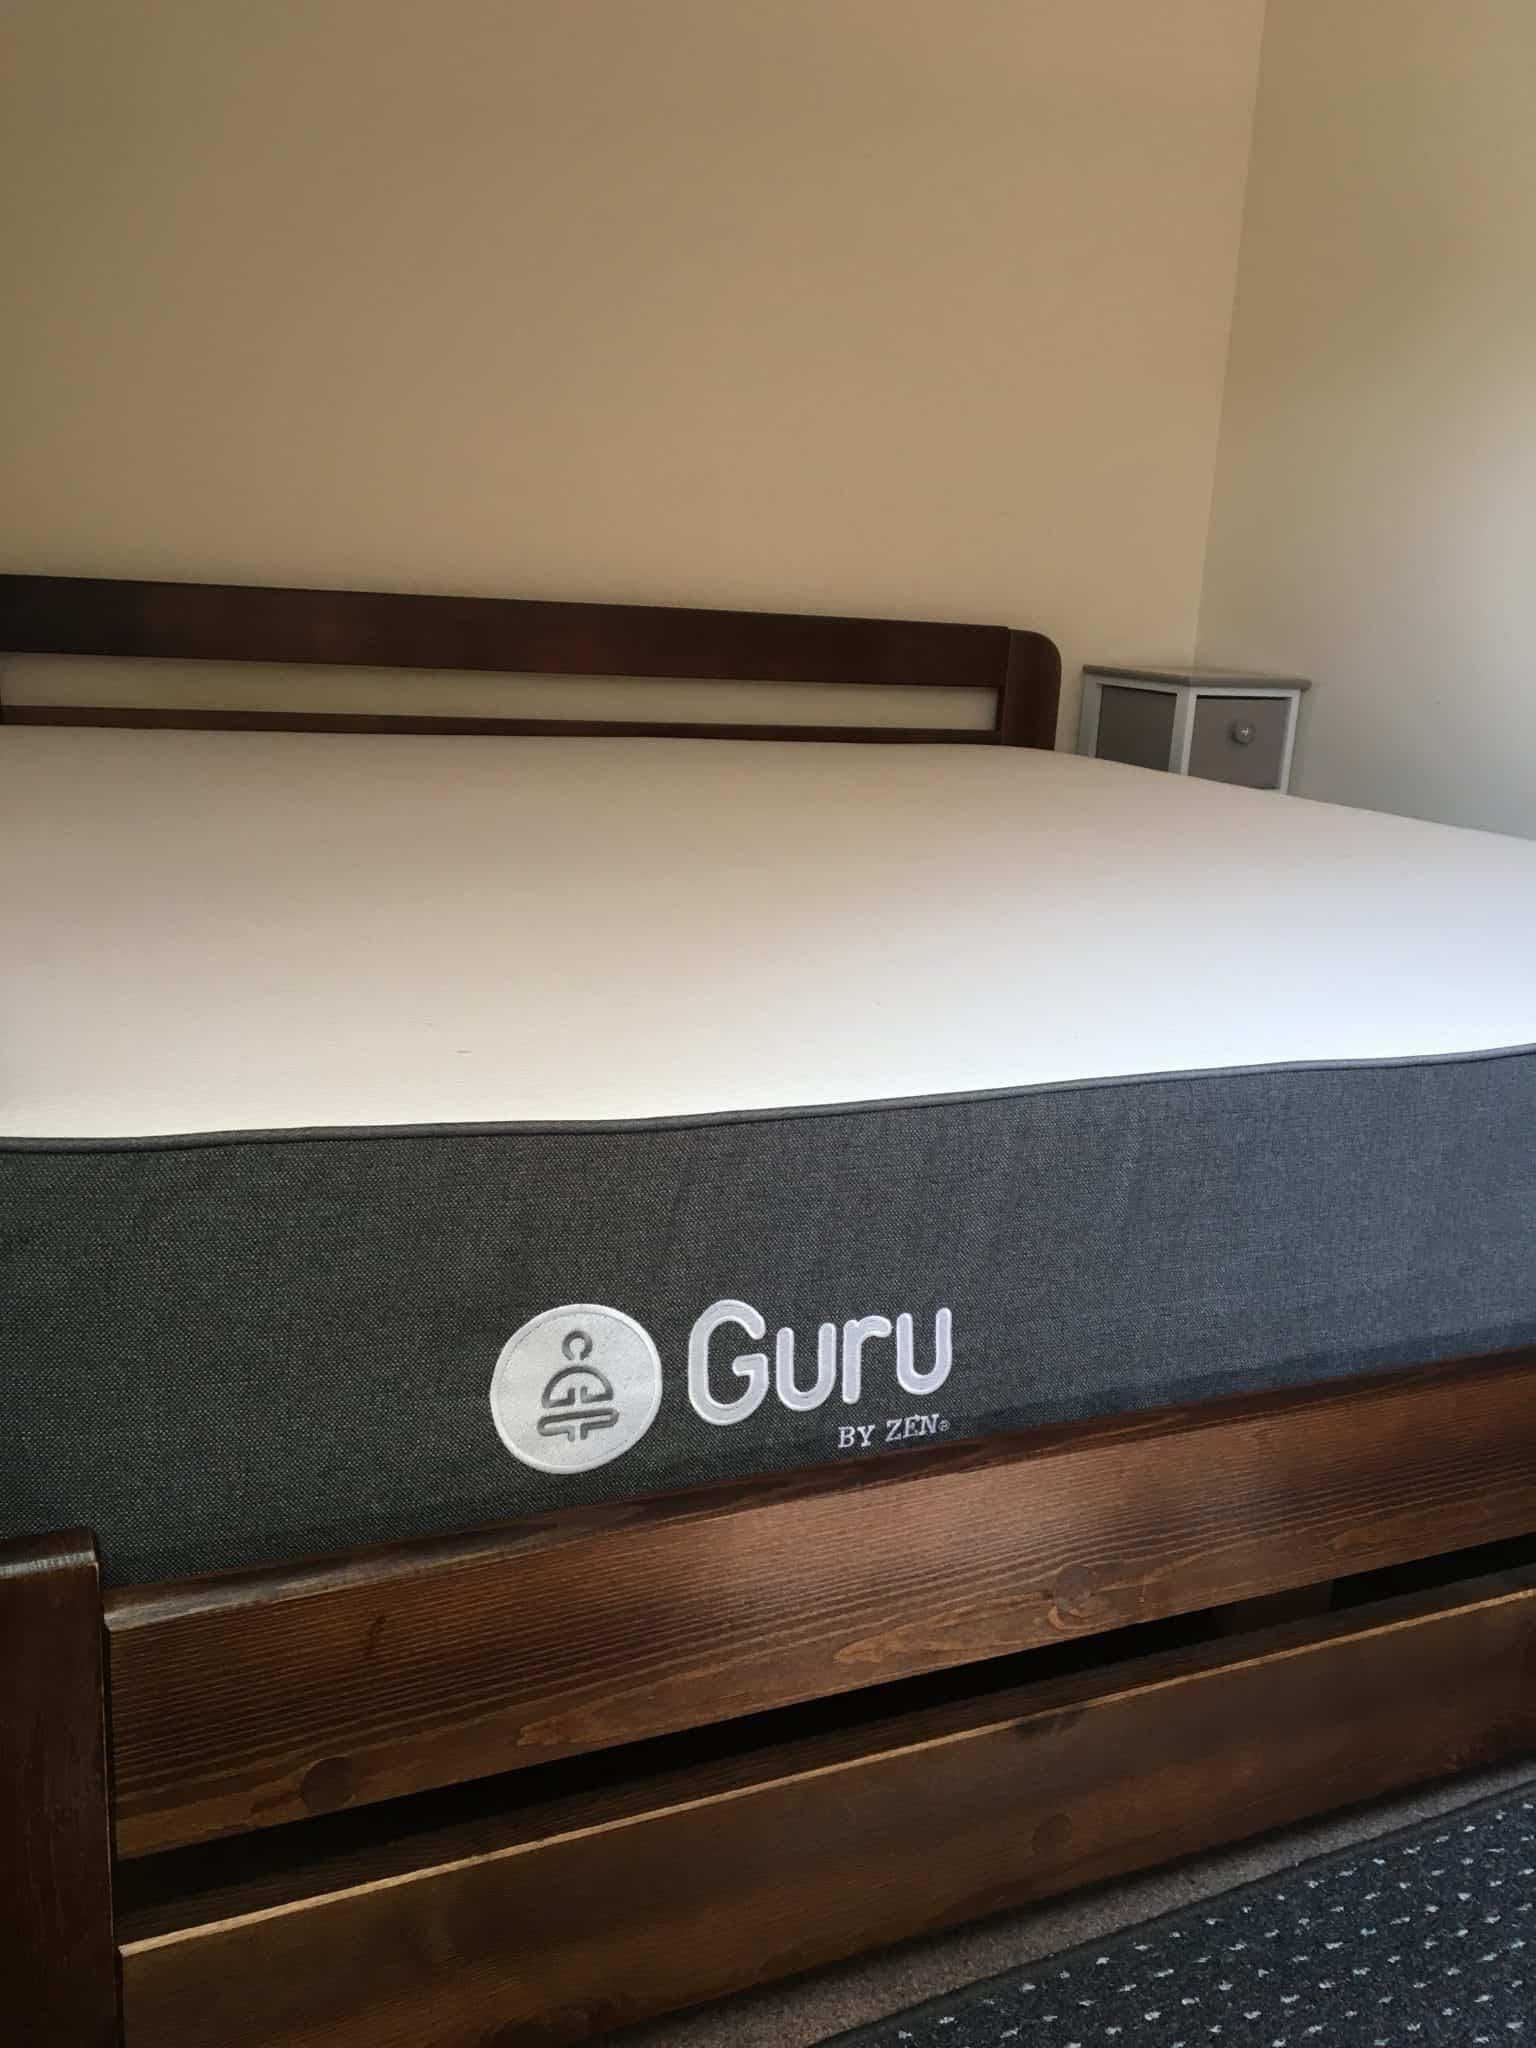 Guru by Zen mattress